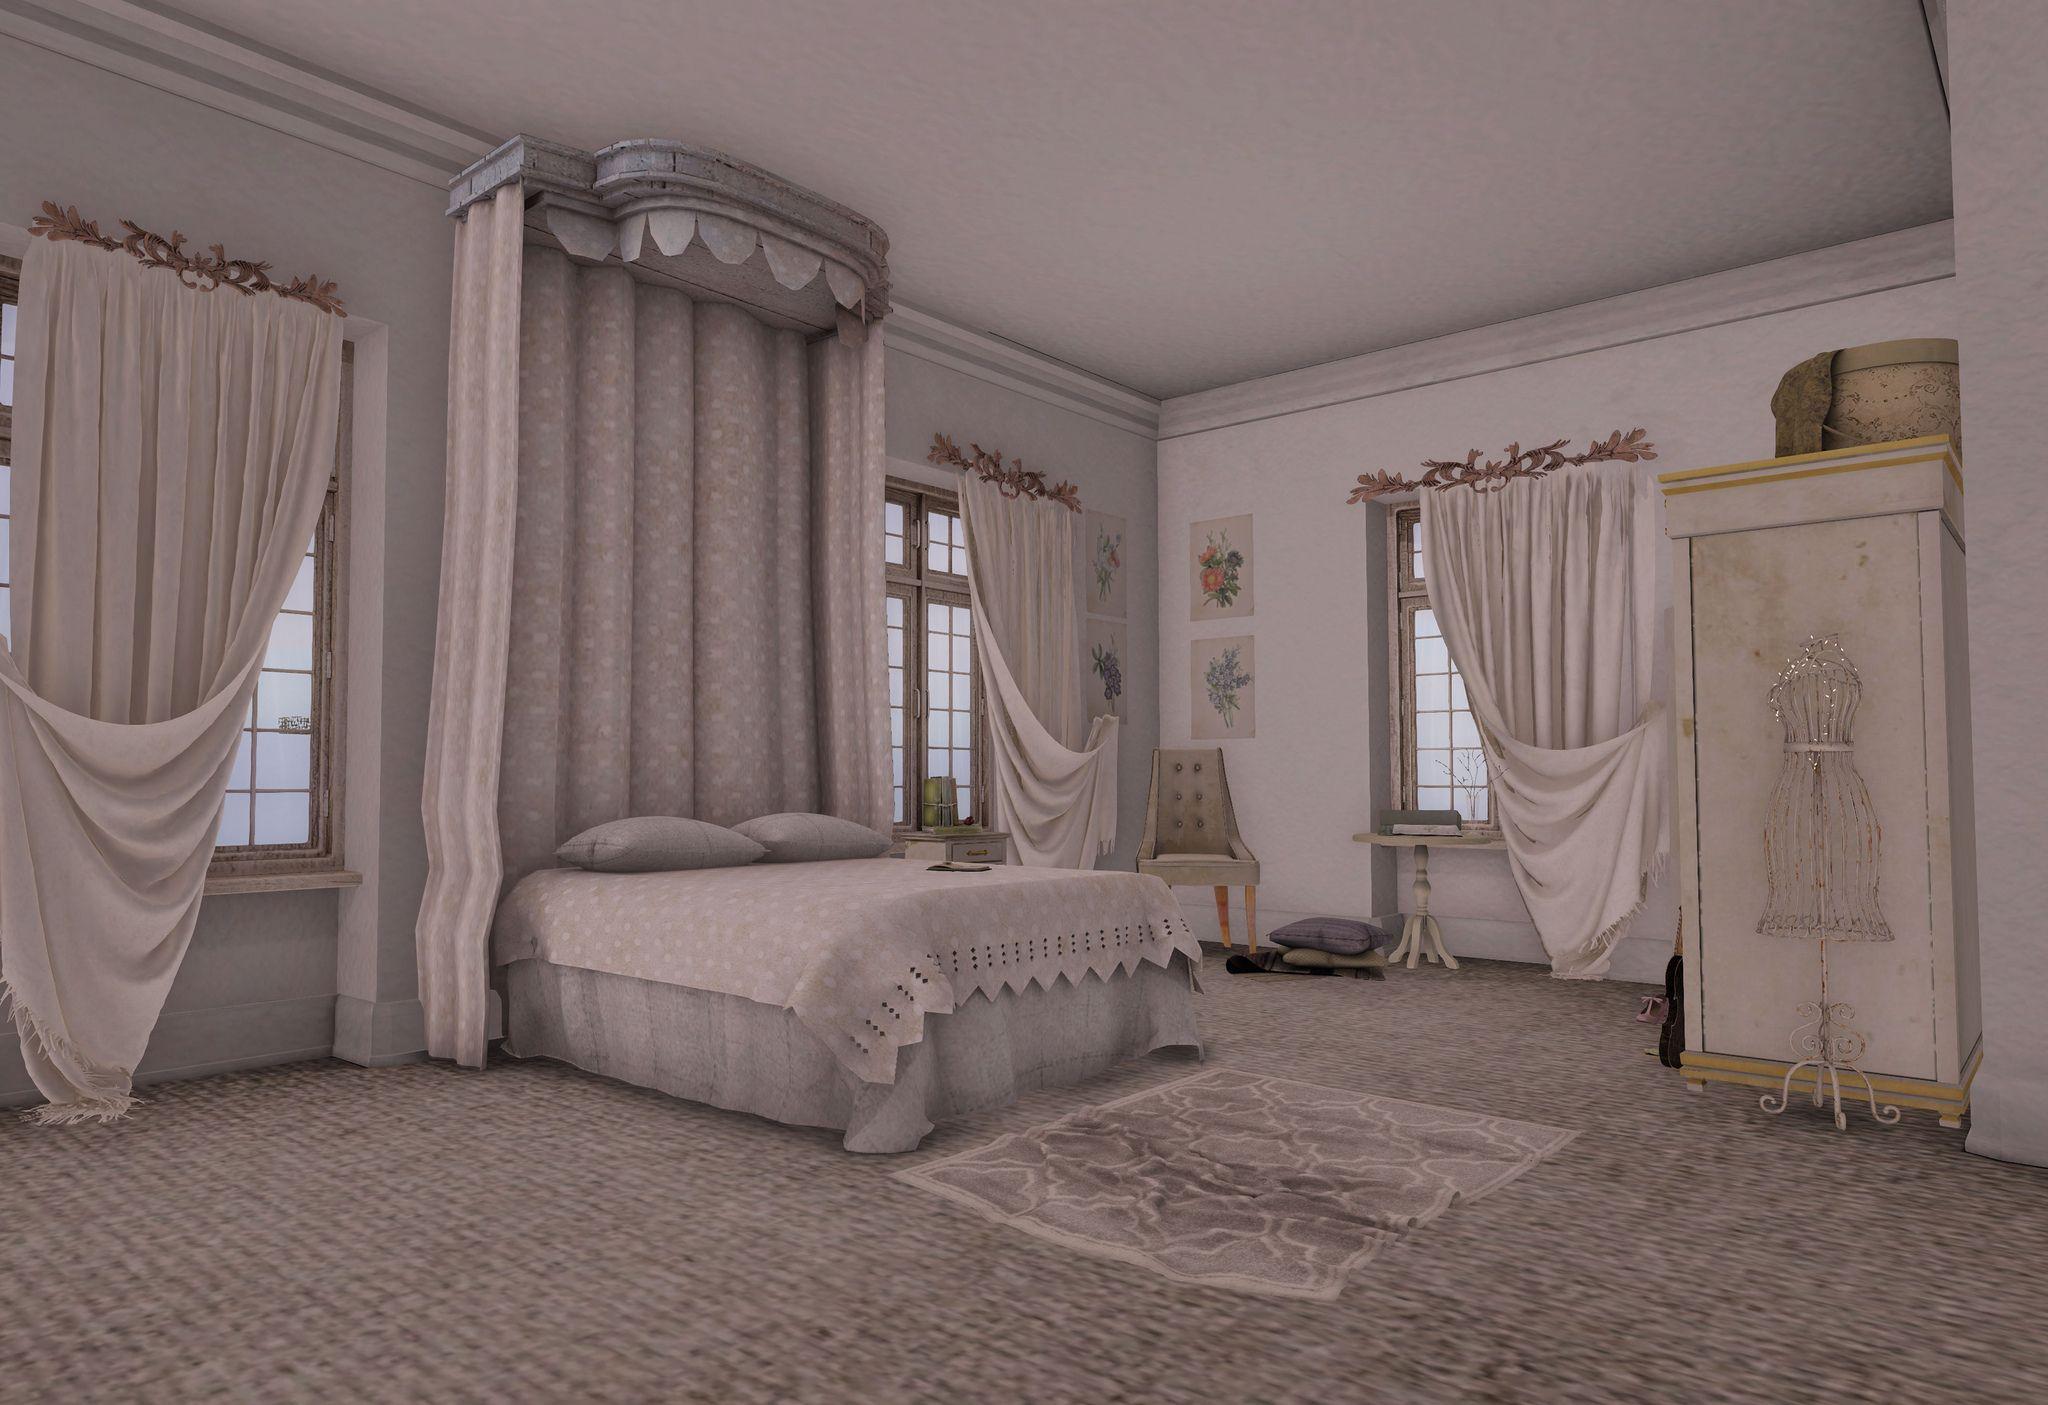 Untitled White bedroom, Interior barn doors, Doors